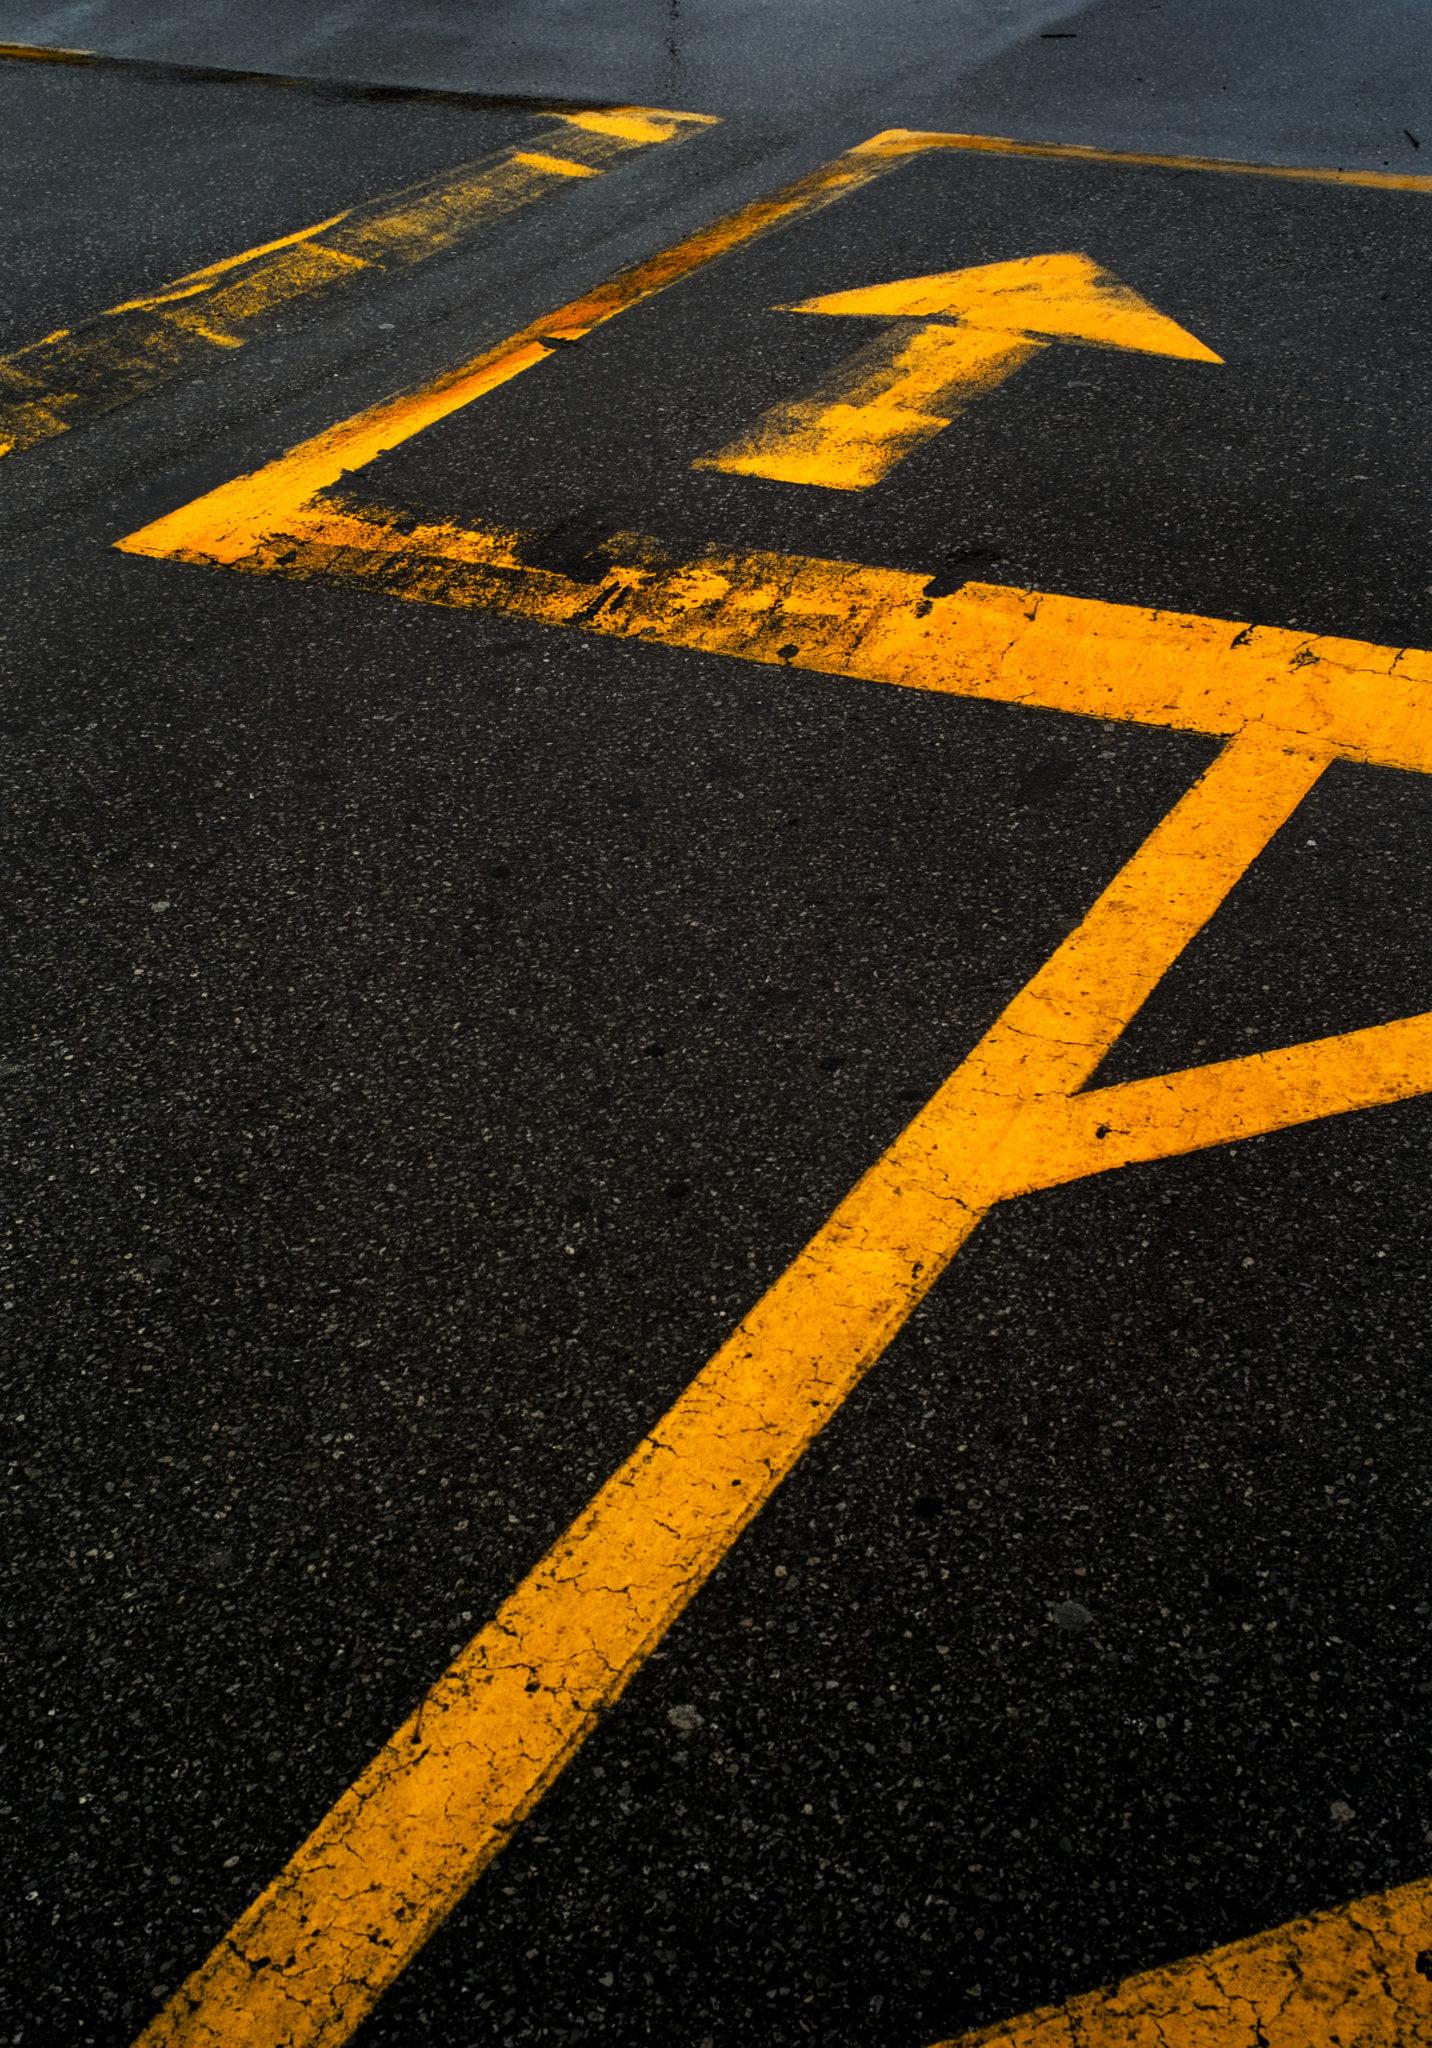 GEN_road_markings_arrows